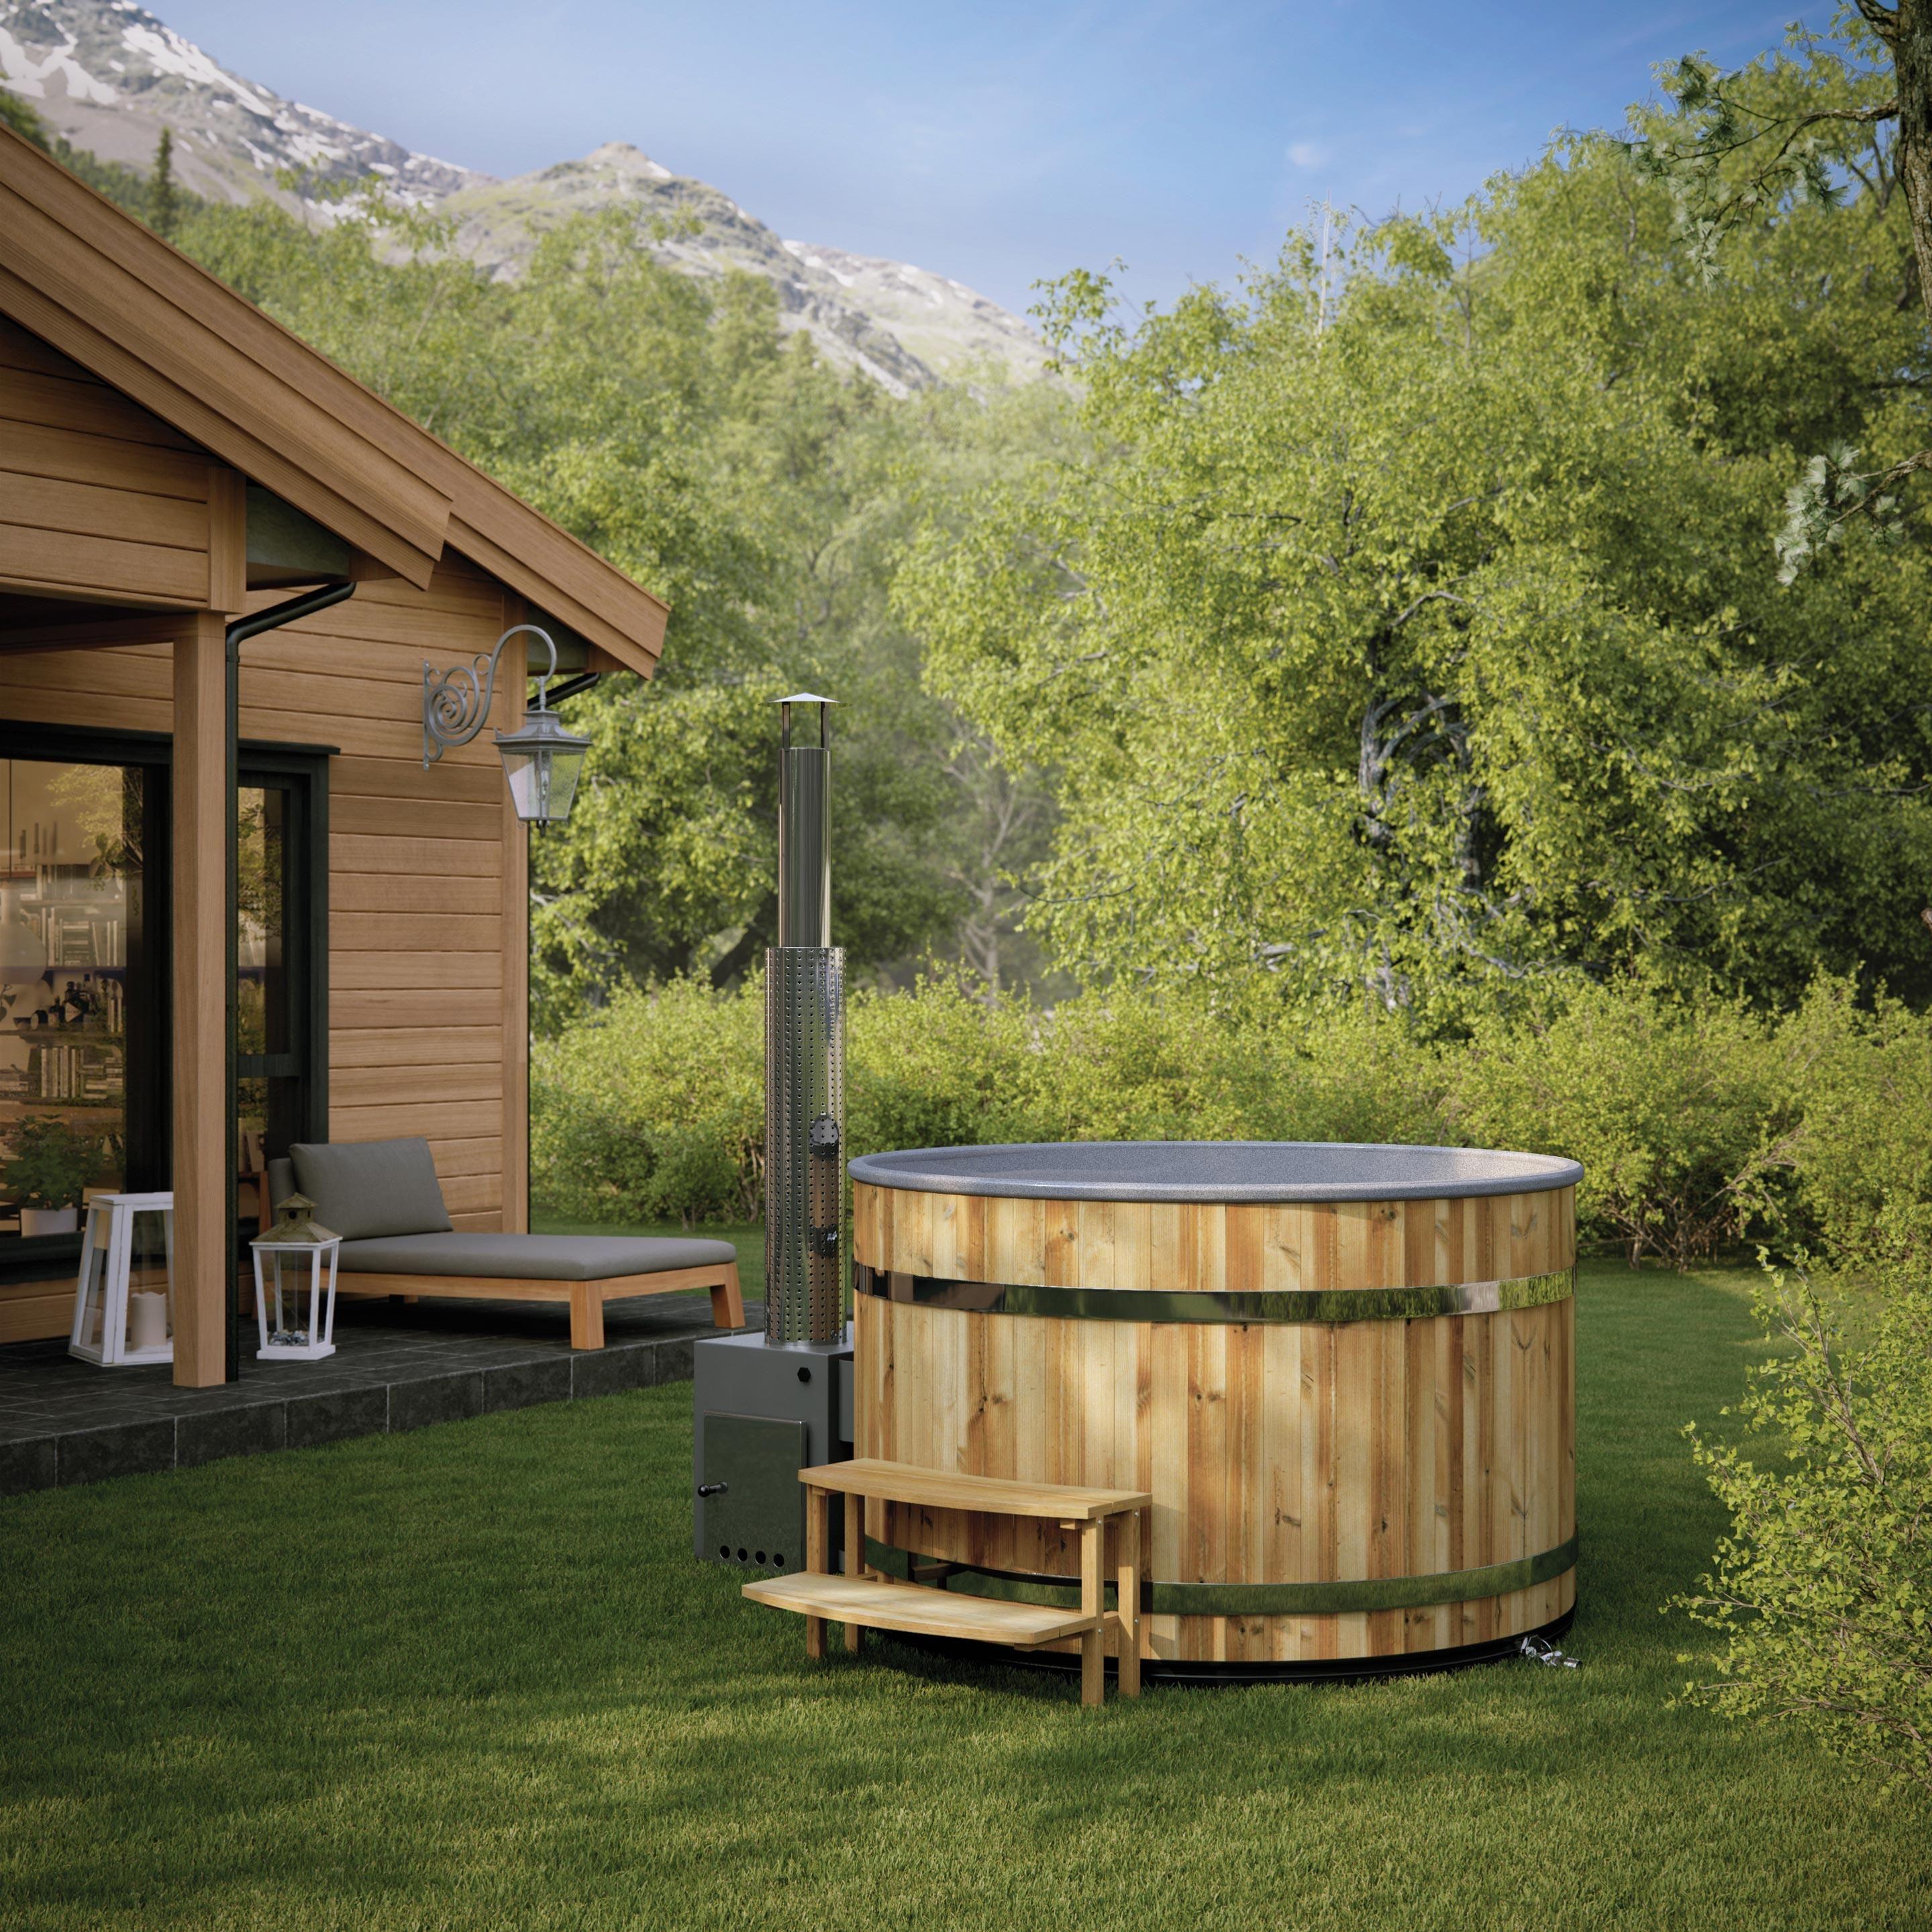 Jacuzzi 6 Places Leroy Merlin bain nordique en bois, 6 places, kirami, cozy en 2020 | bain